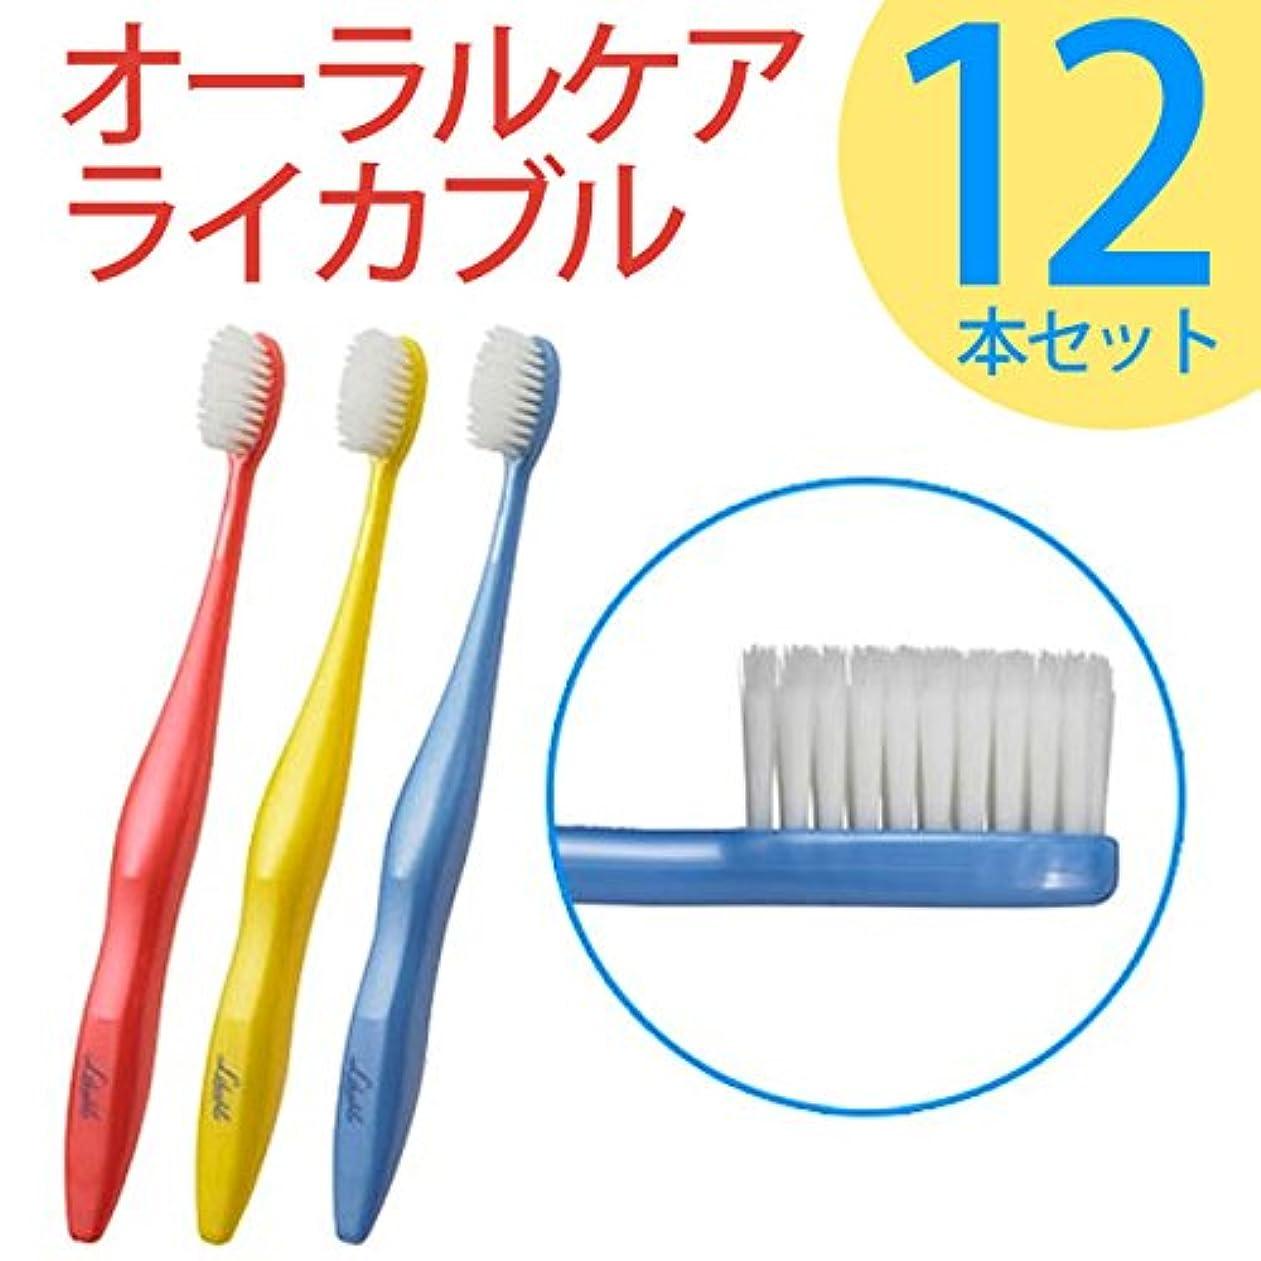 順番想像するさておきライカブル ライカブル メンテナンス用 歯ブラシ 12本セット